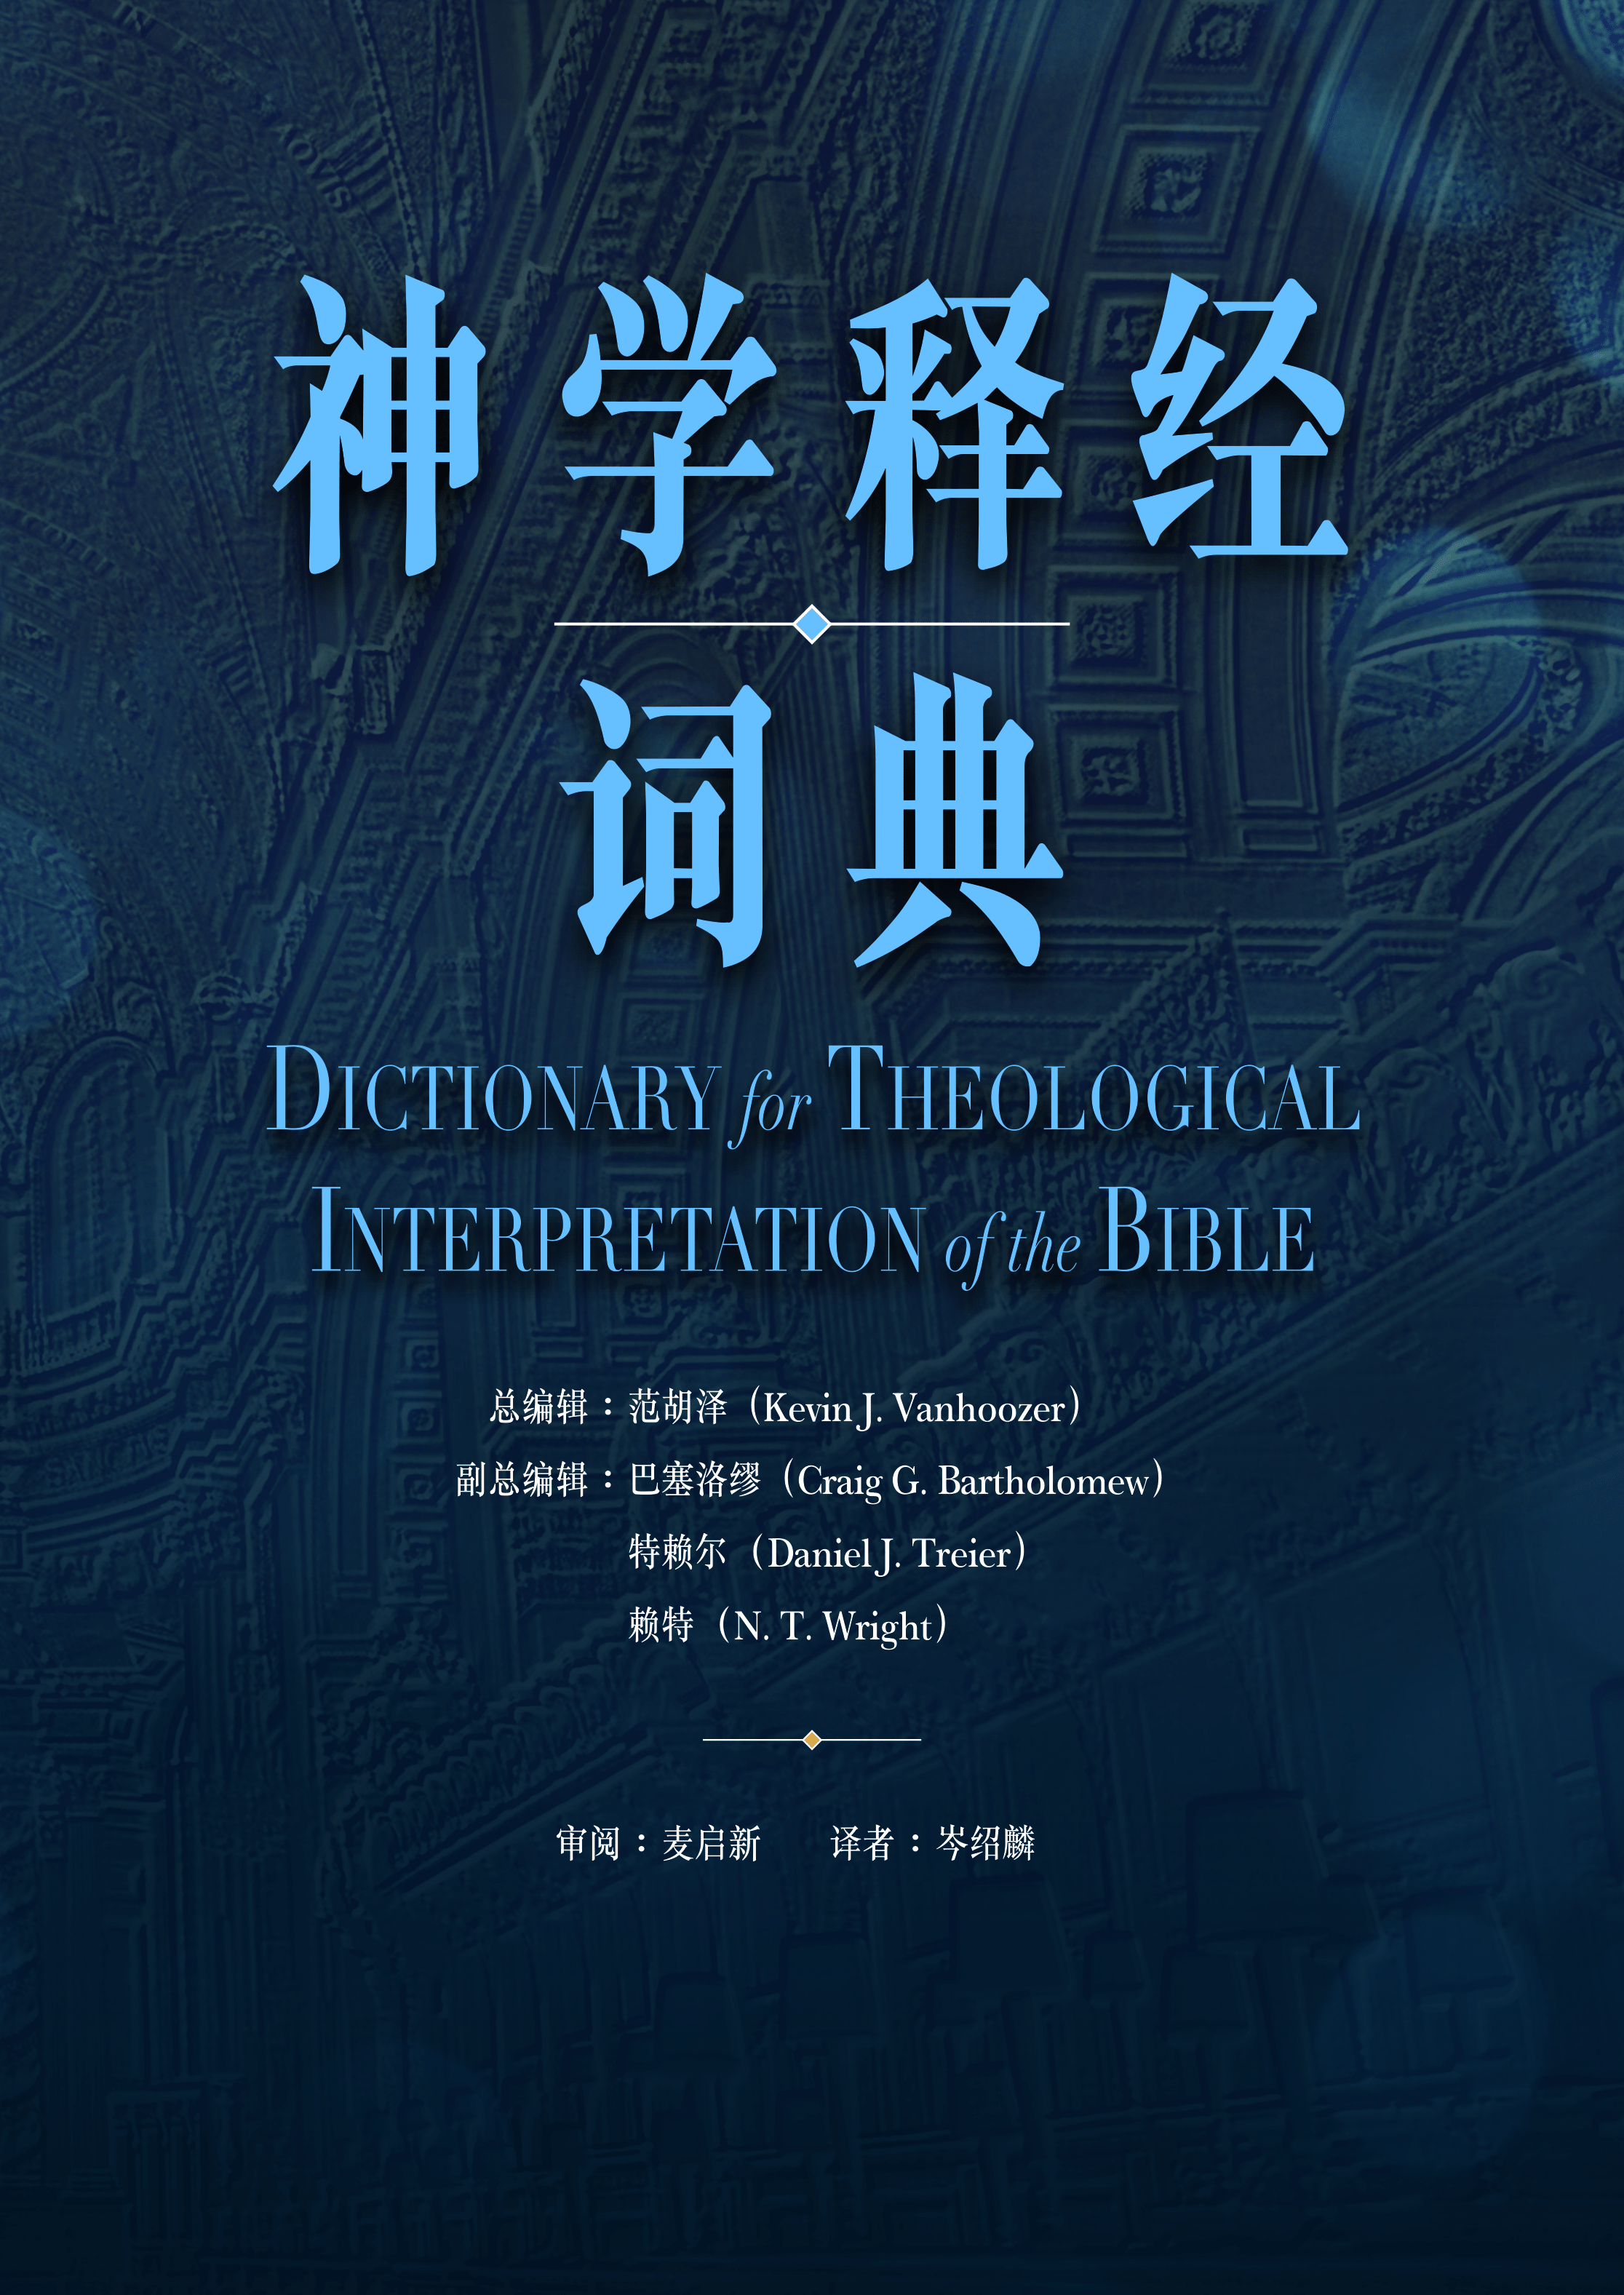 神学释经词典(简体) Dictionary for Theological Interpretation of the Bible (Simplified Chinese)